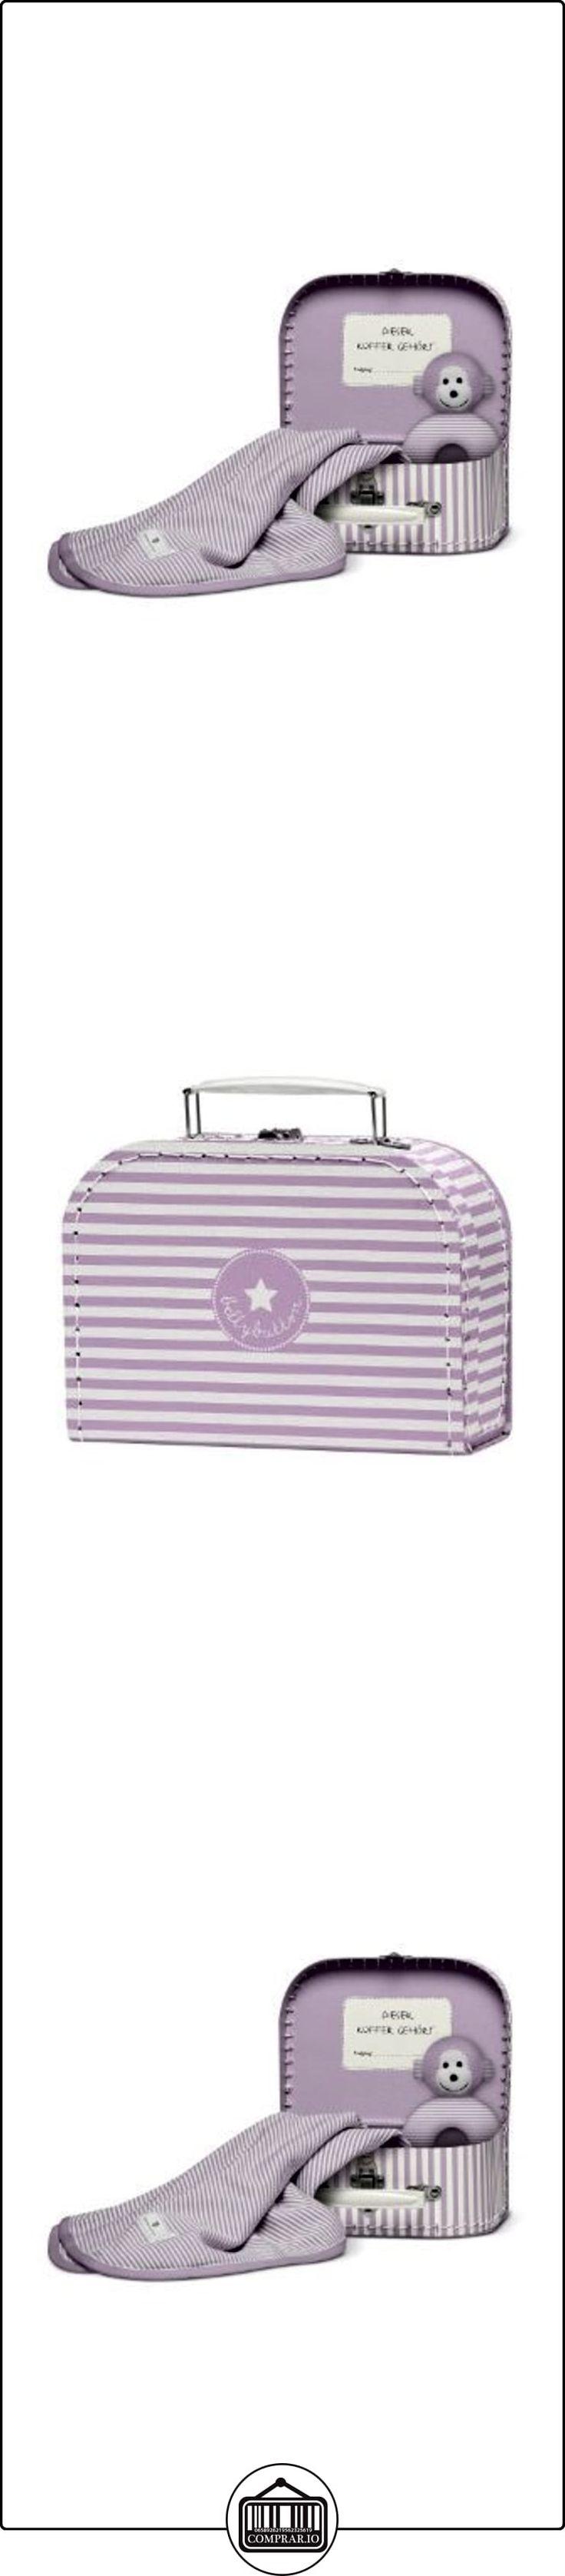 Bellybutton Baby Koffer - Cofre de regalo de bebé (sonajero y manta) white/rose striped purple Talla:M  ✿ Regalos para recién nacidos - Bebes ✿ ▬► Ver oferta: http://comprar.io/goto/B00ET0XPSQ